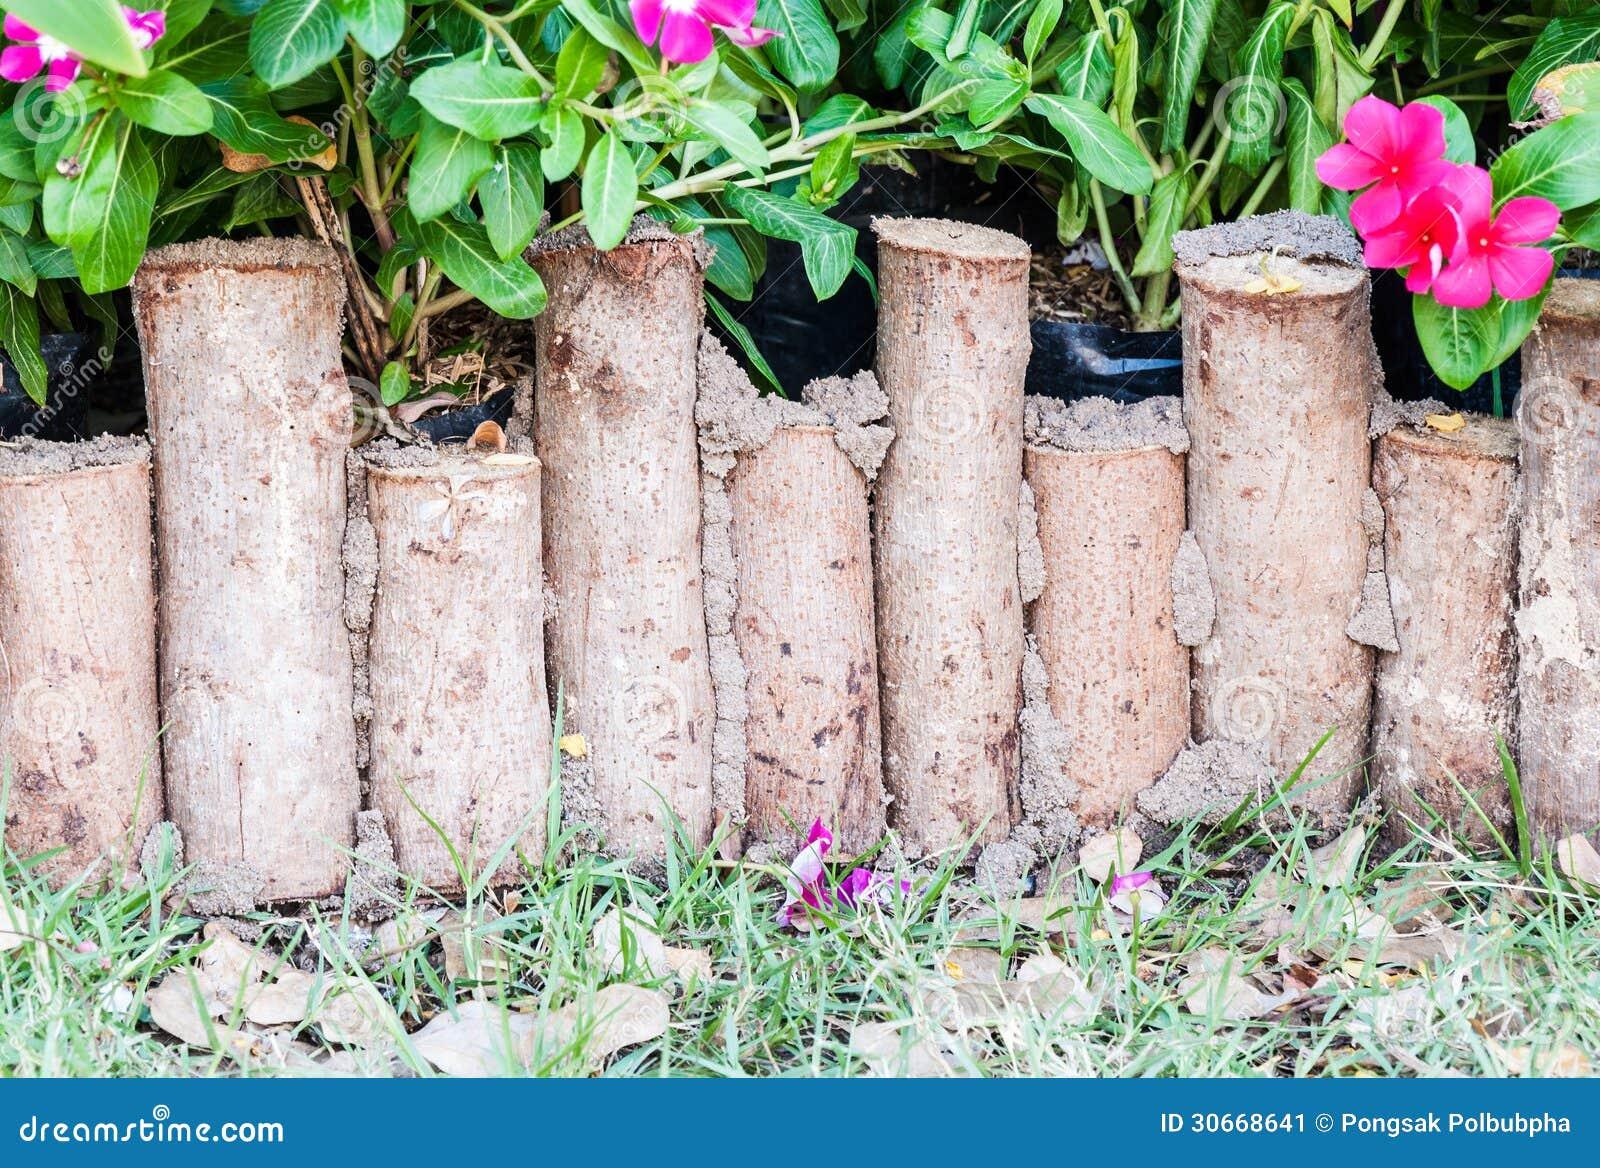 Petite barri re de bois de construction image stock image du stationnement ext rieur 30668641 - Petite barriere de jardin ...